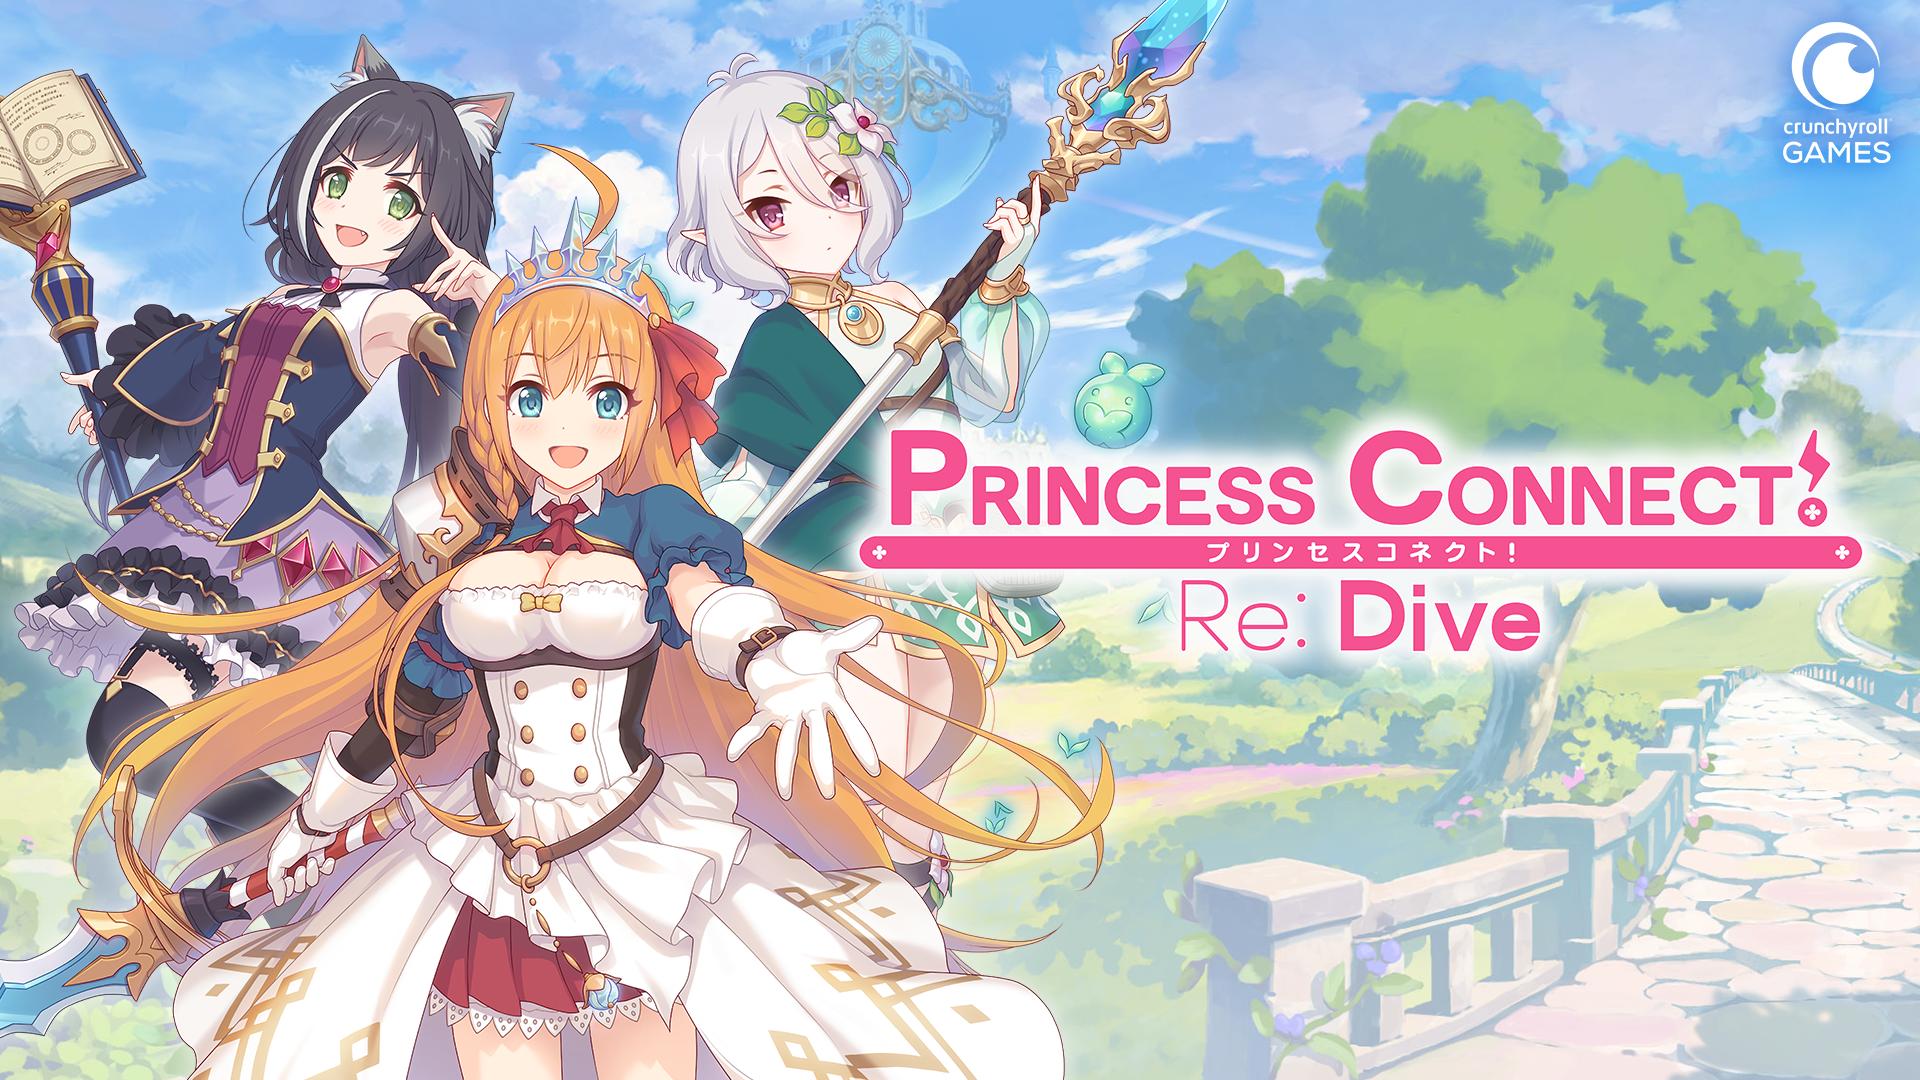 Princess Connect! Re:Dive será lançado mundialmente pela Crunchyroll Games